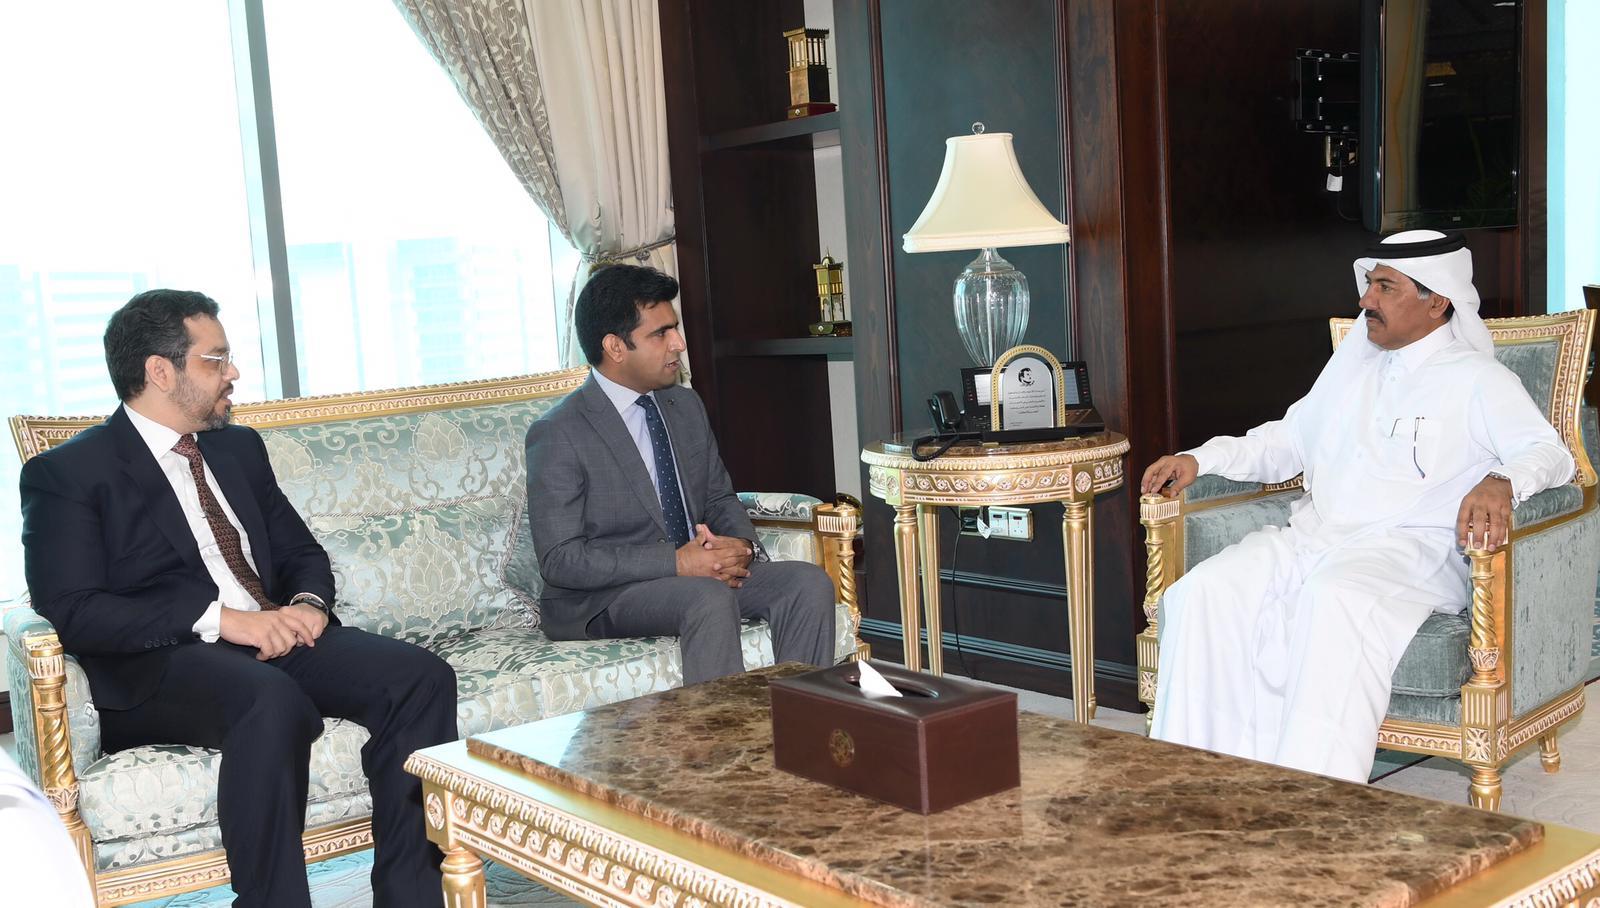 الأمين العام لوزارة الخارجية يجتمع مع القائم بالأعمال بالإنابة الباكستاني